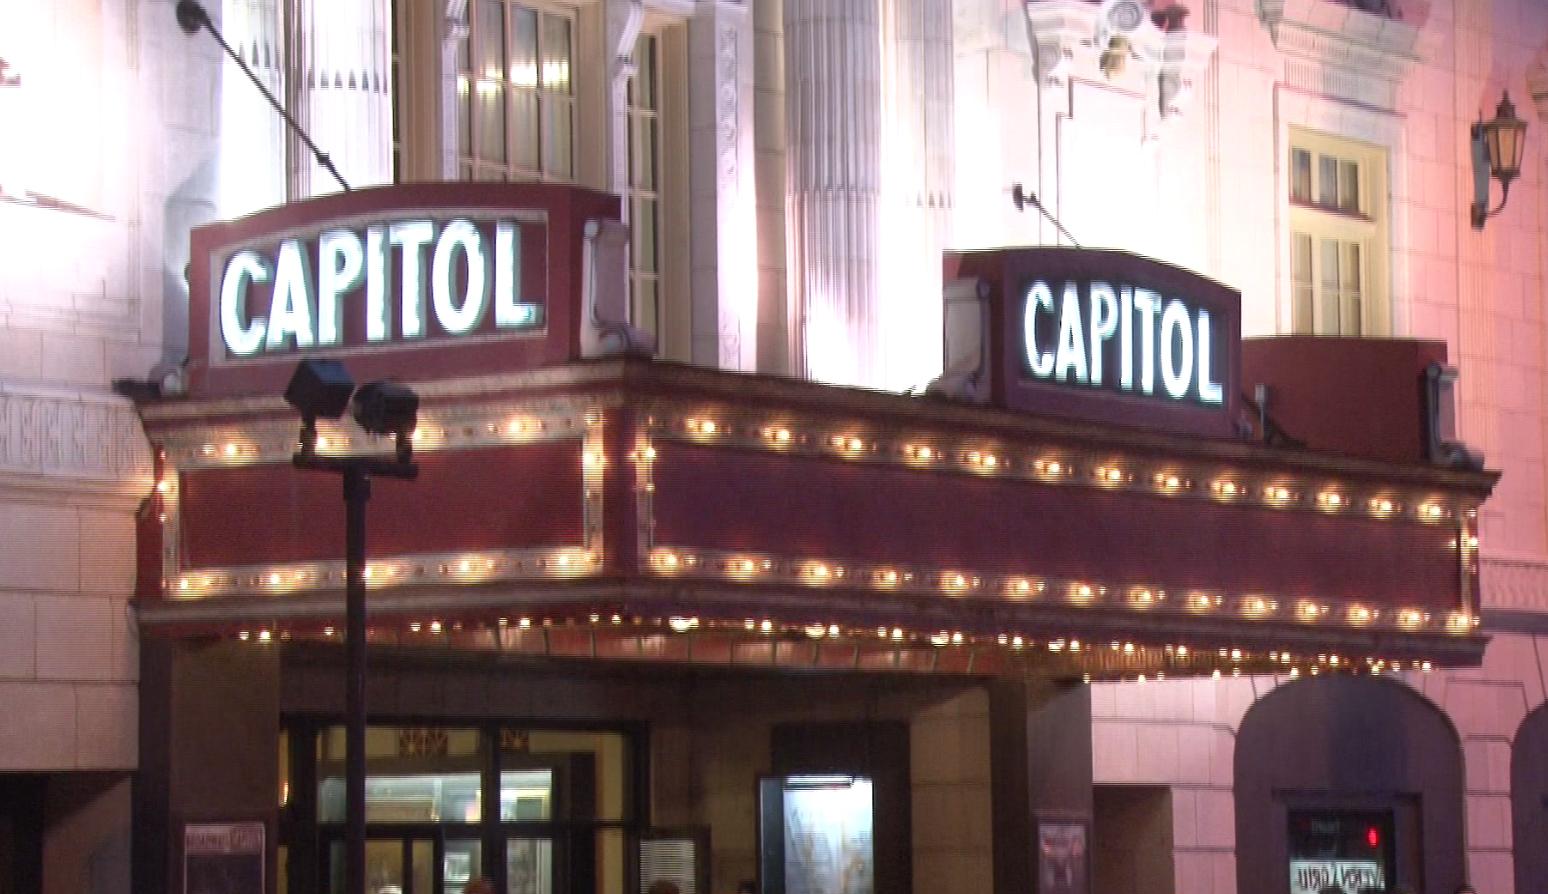 capitol theatre_1512164969400.jpg